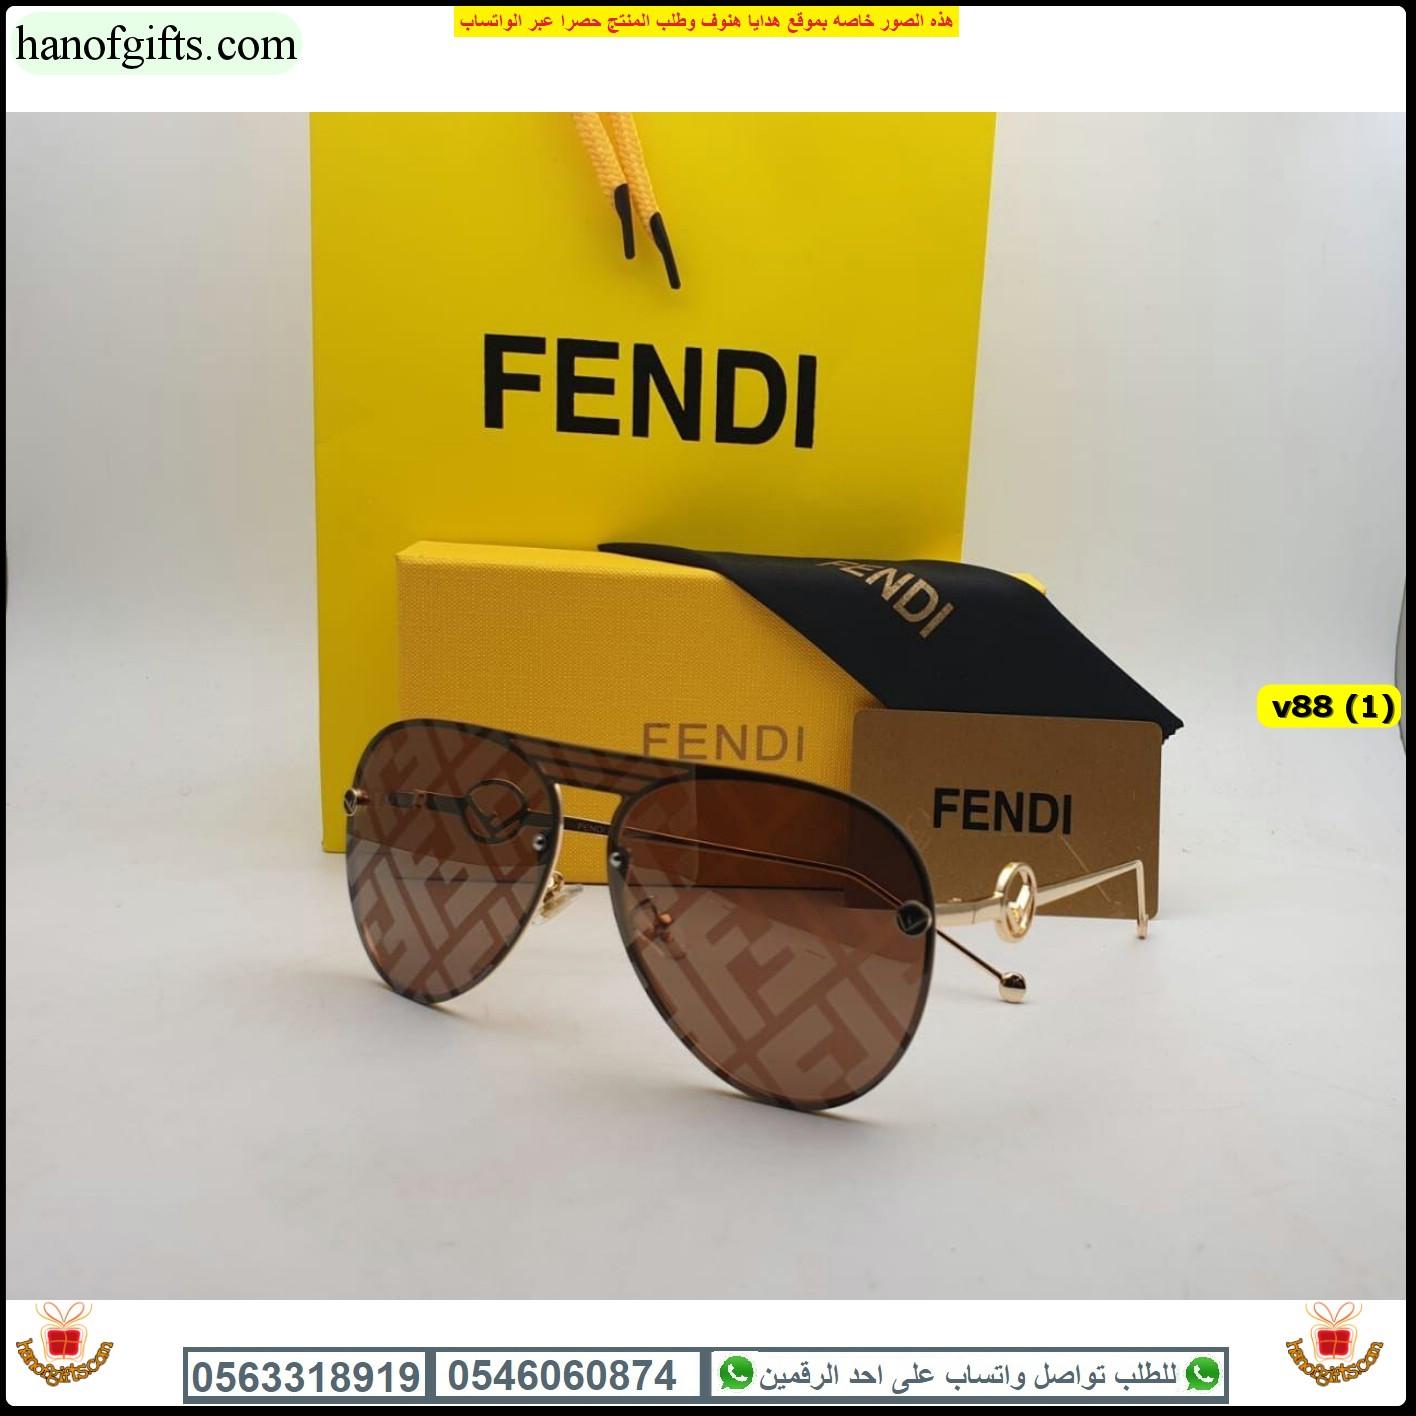 نظاره فندي FENDI